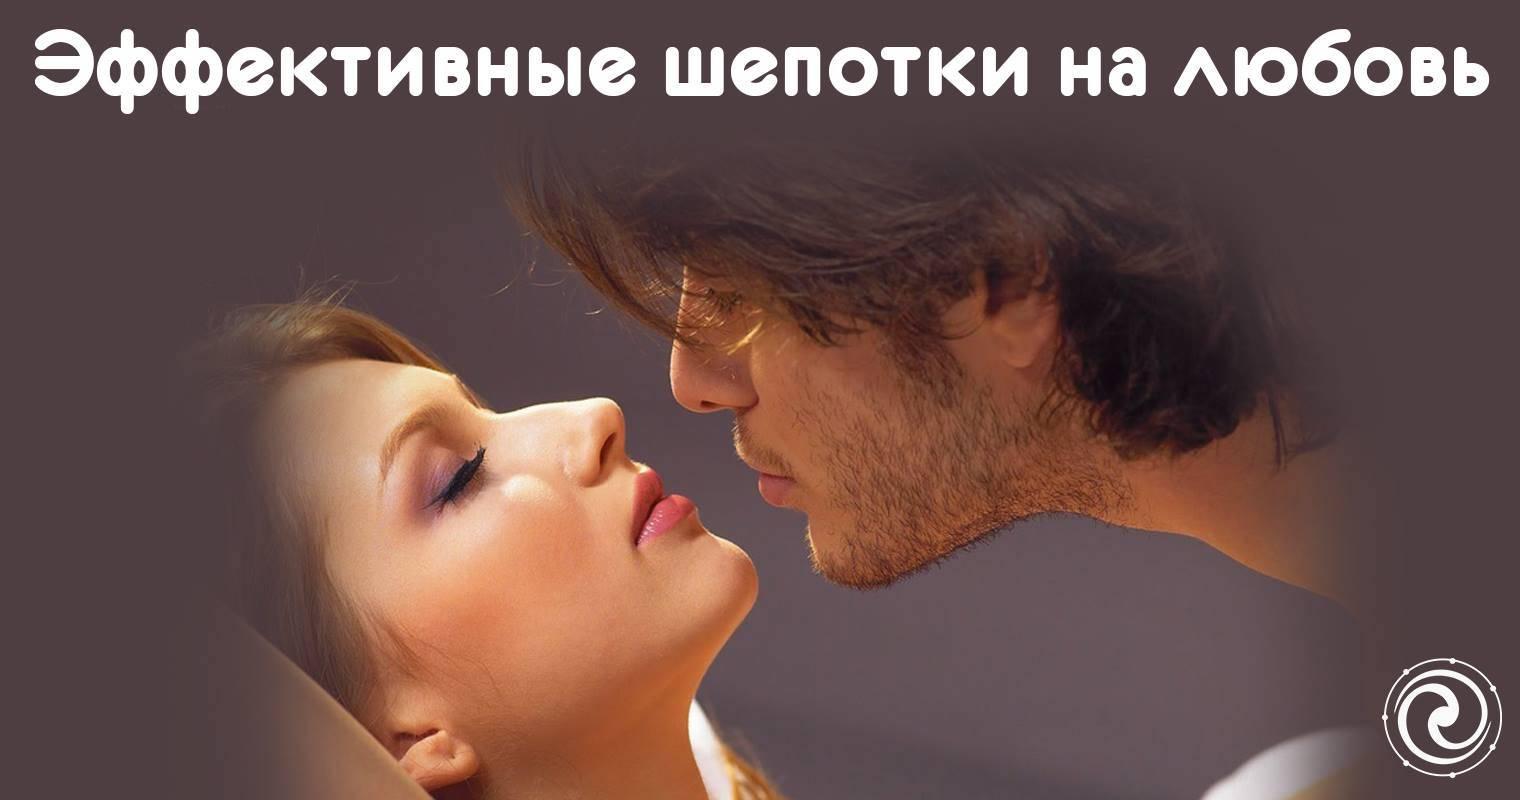 Шепотки на любовь мужчины на расстоянии, 100 помогают